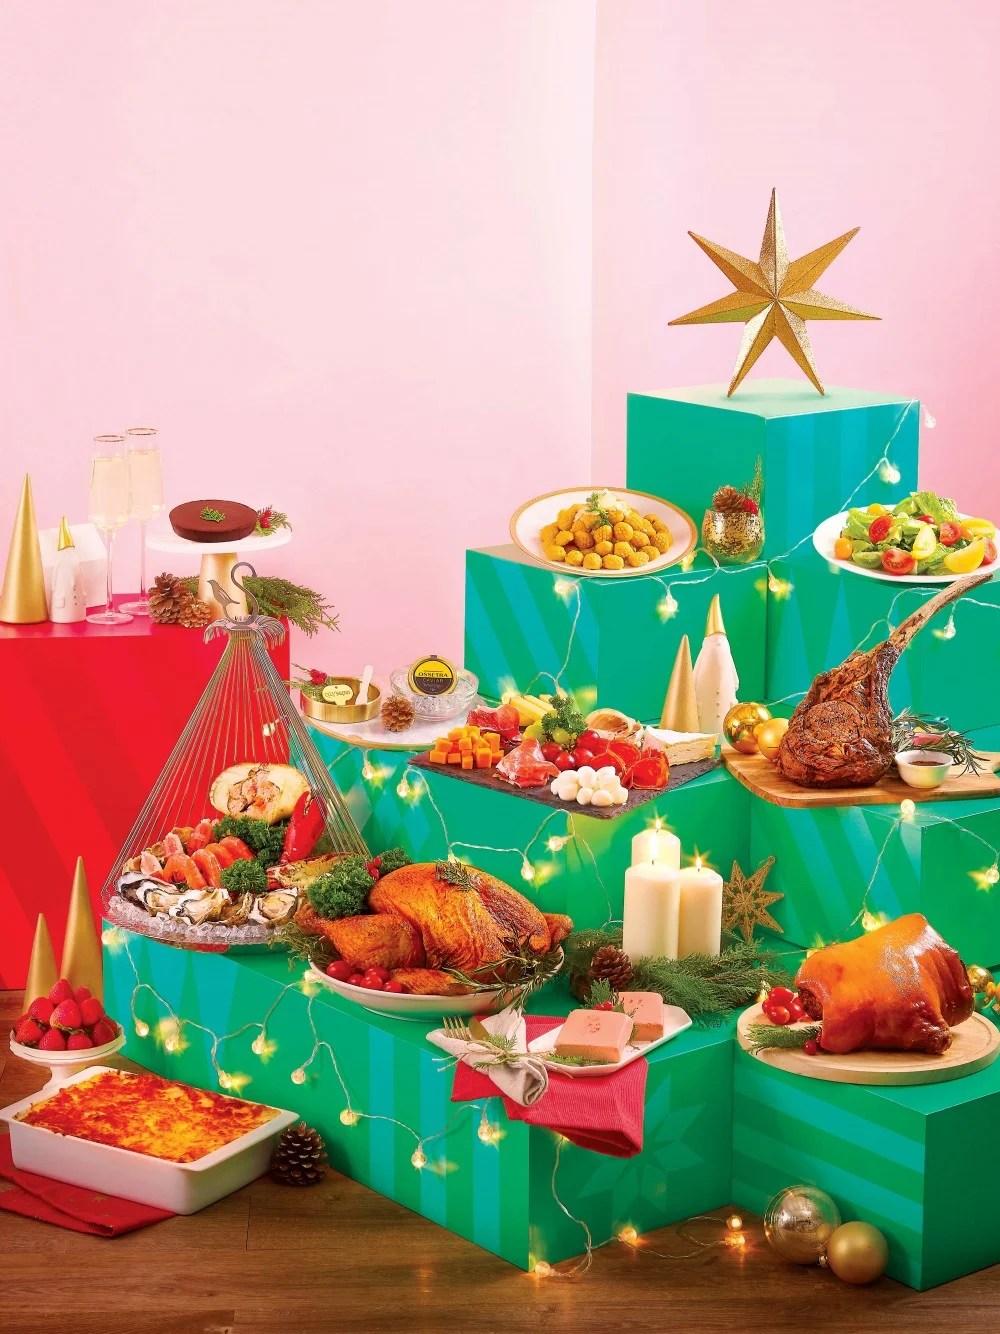 【聖誕到會2019】5大聖誕到會懶人包!精選素食/西班牙/泰國美食到會推介! | HolidaySmart 假期日常